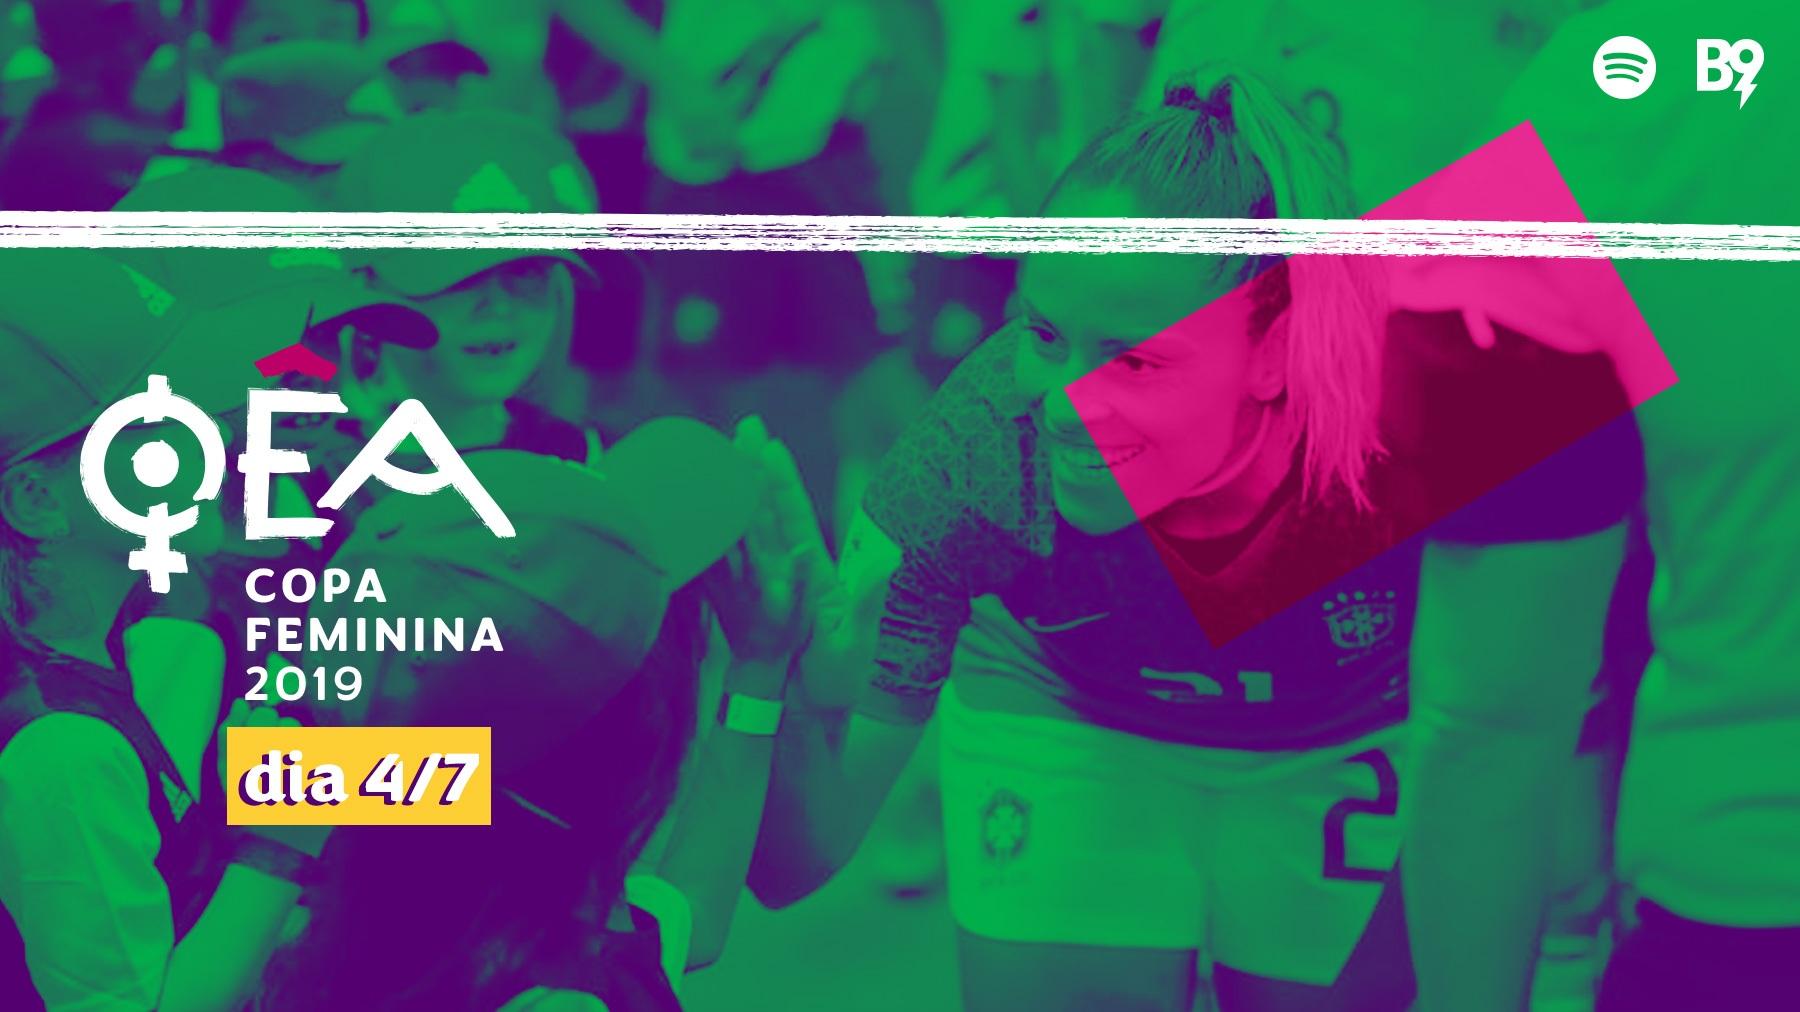 Oêa: Copa 2019 — Mônica Hickmann, zagueira da seleção brasileira, na nossa mesa!